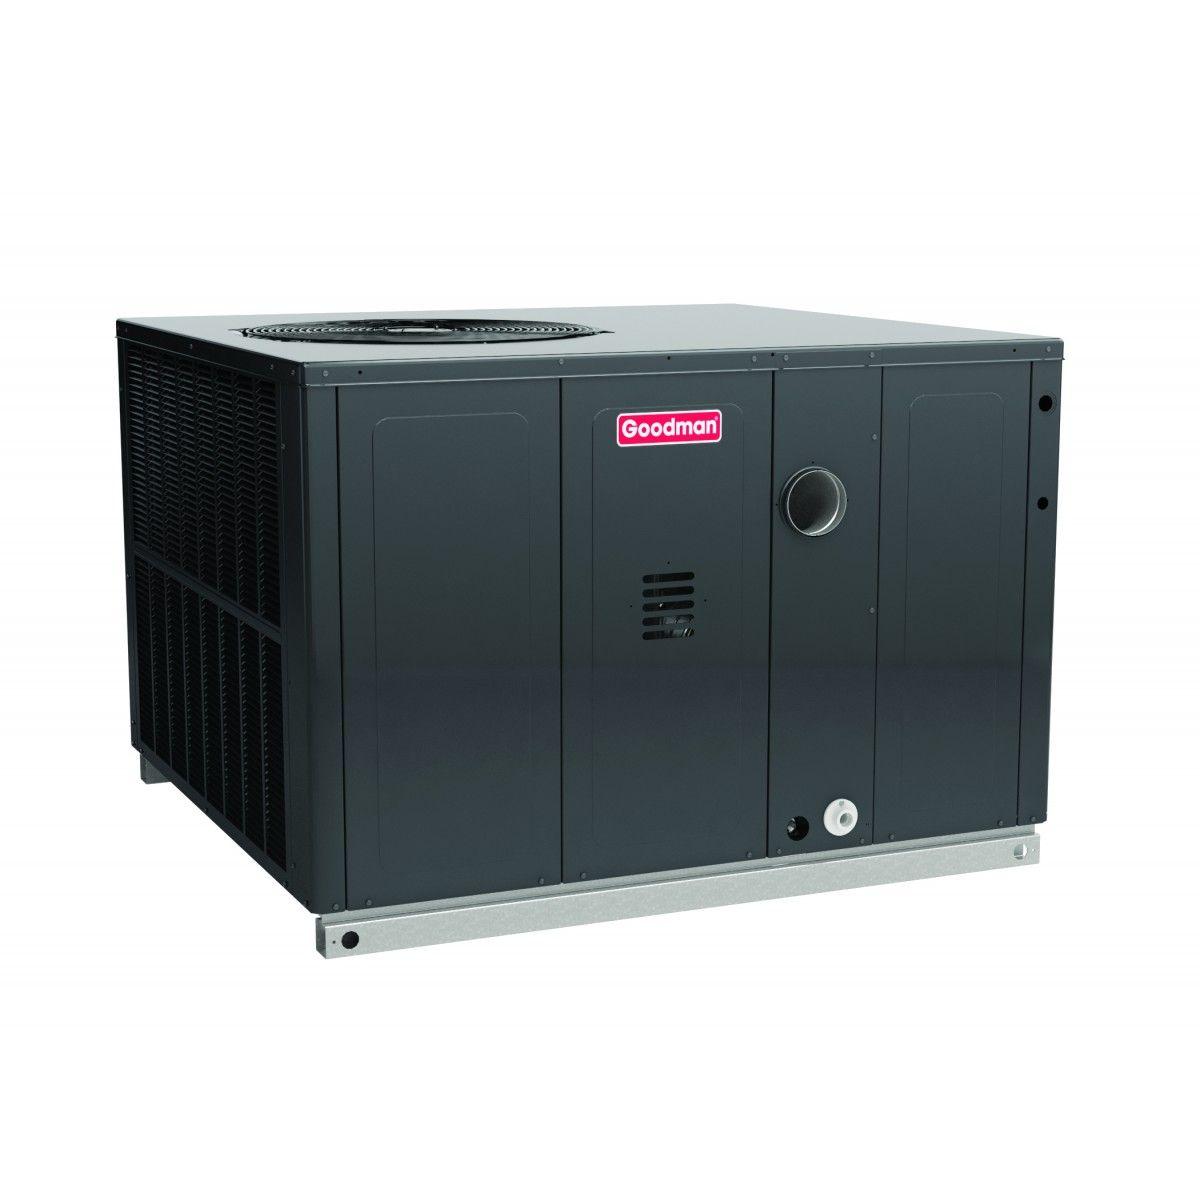 Goodman Ton Seer Btu Package Unit Gas Heat Gpg